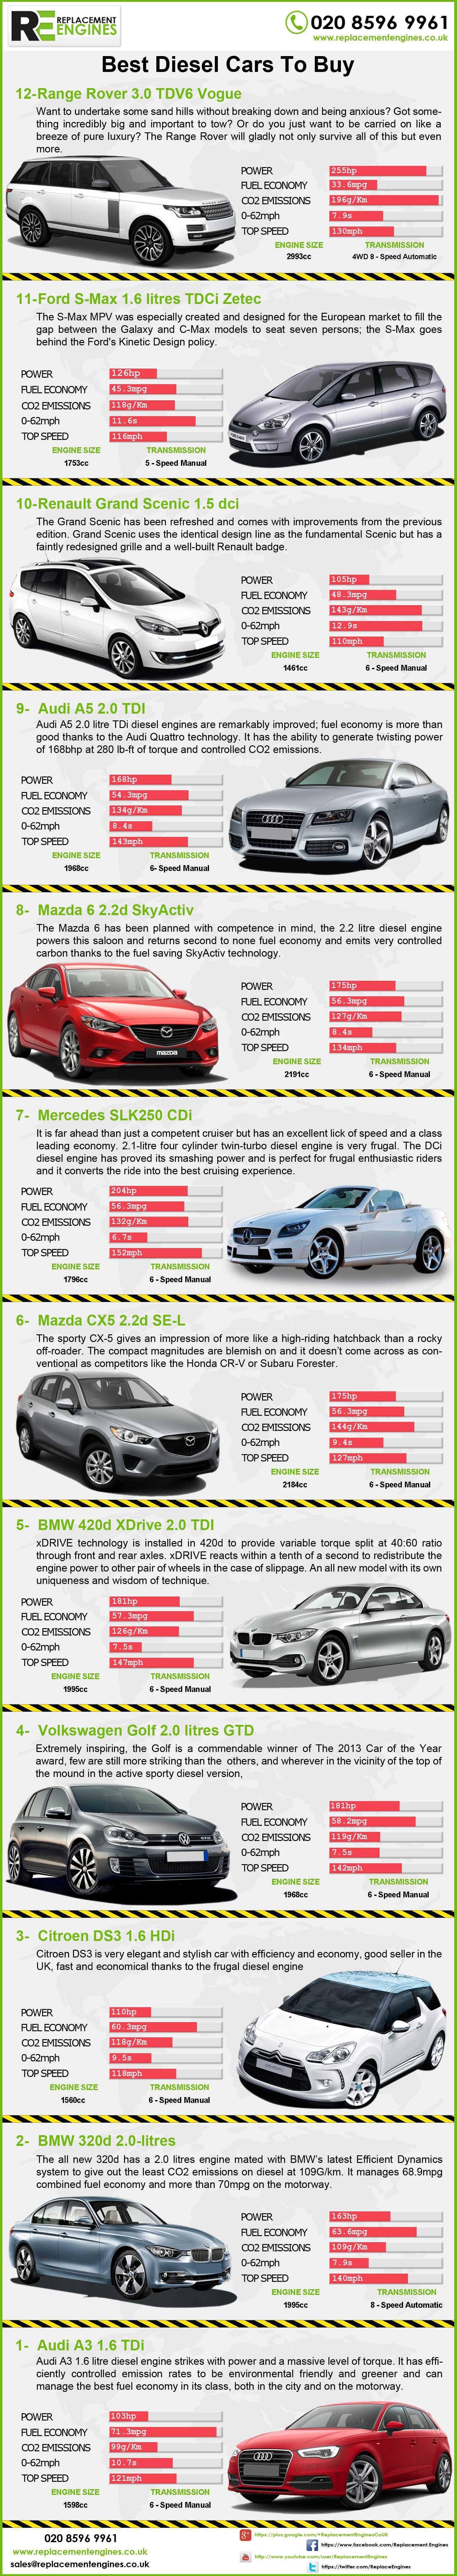 Best diesel cars to buy